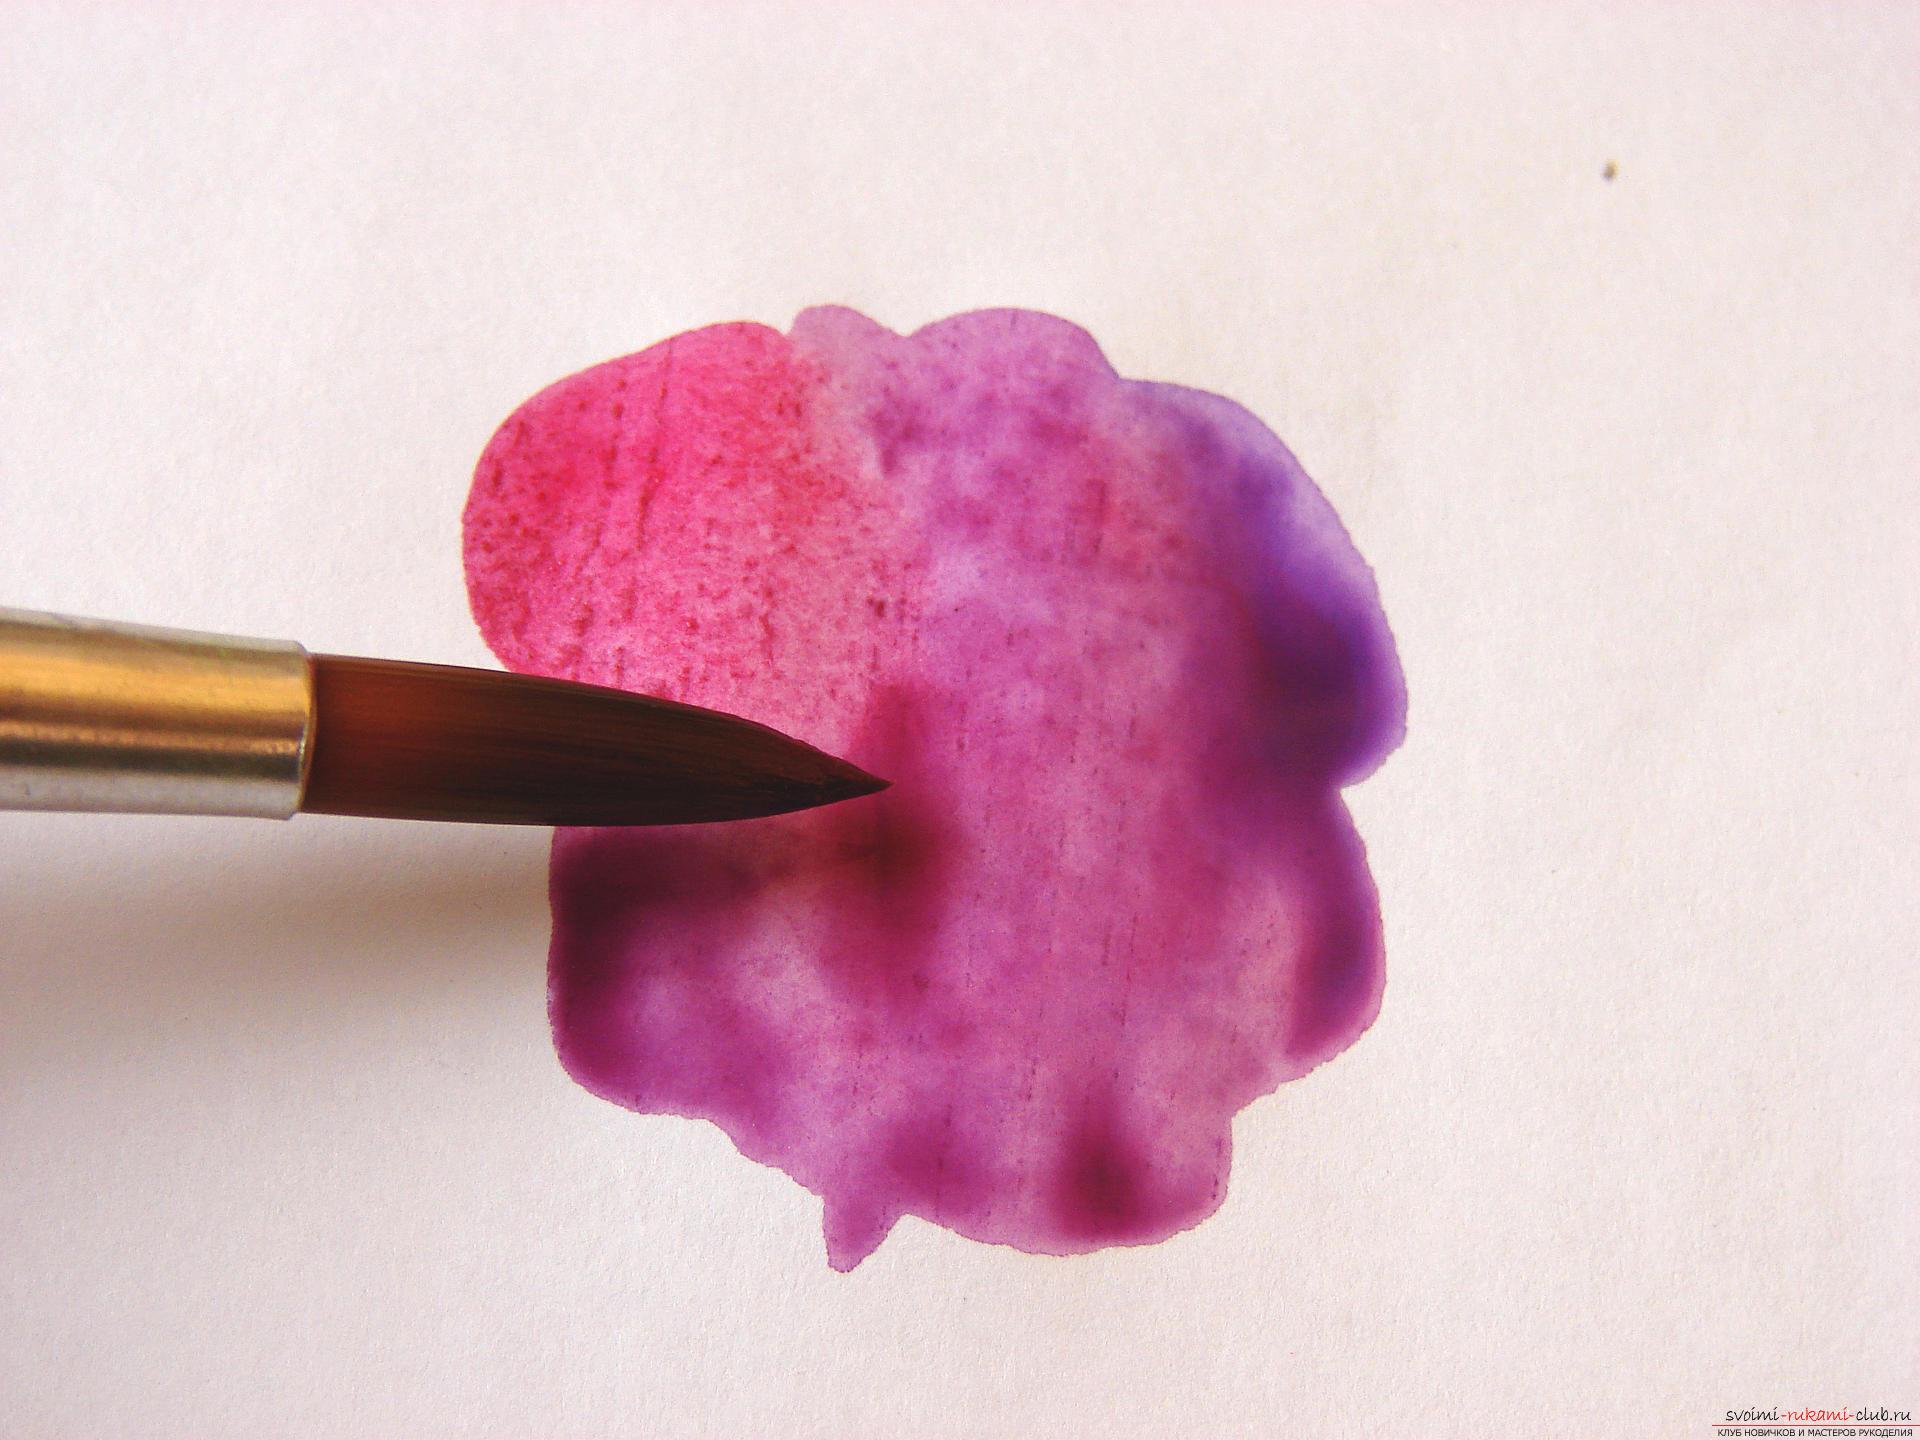 Мастер-класс по рисованию с фото научит как нарисовать цветы, подробно описав как рисуются тюльпаны поэтапно.. Фото №6